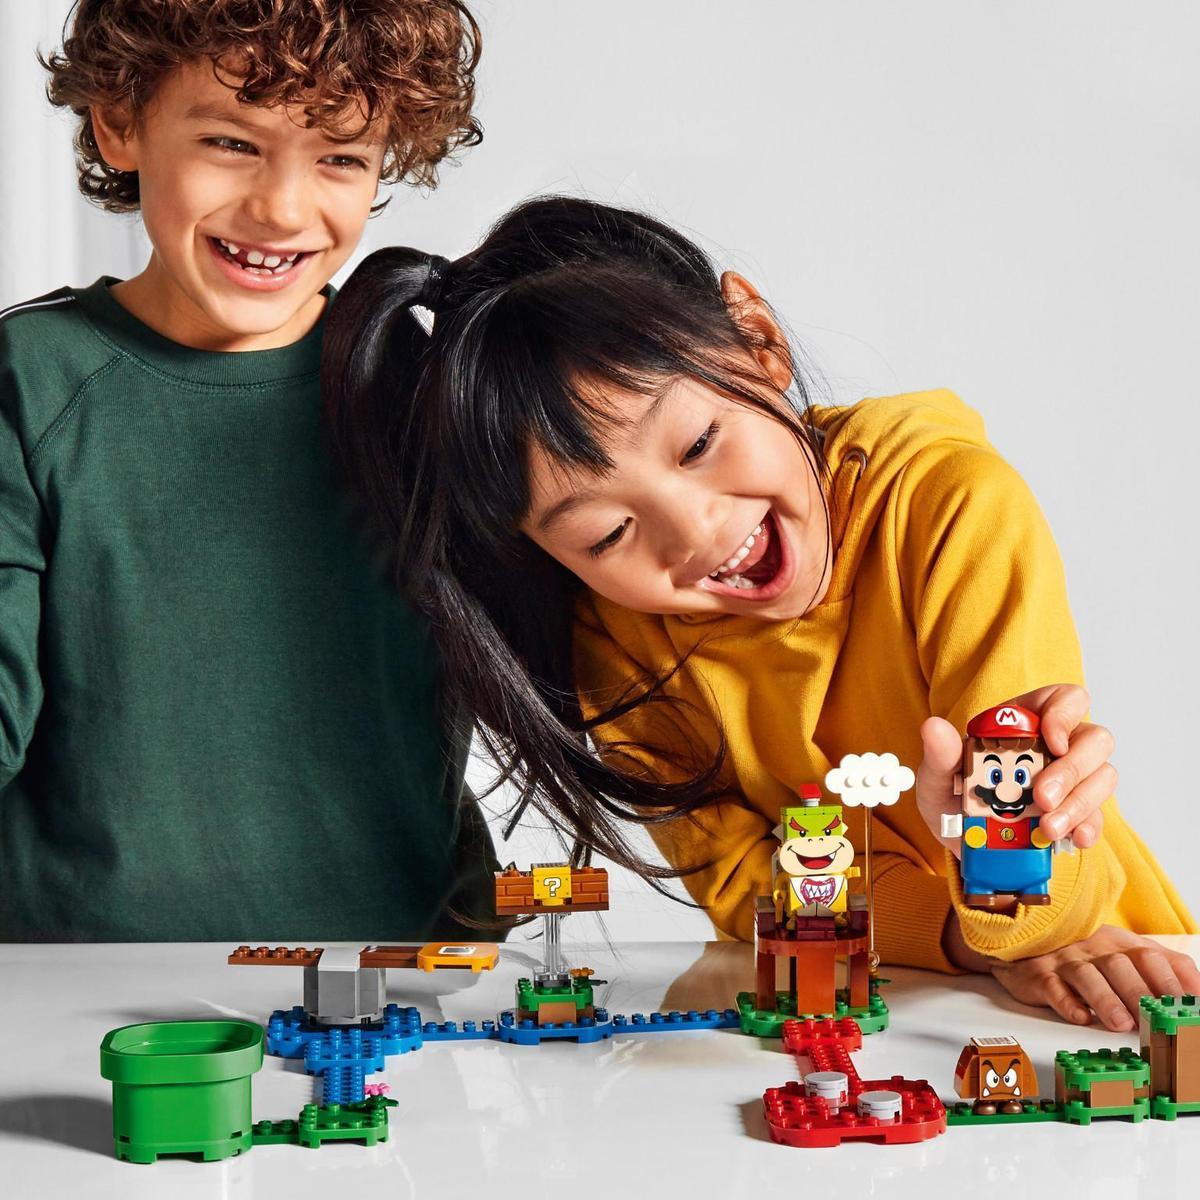 除了組裝積木,「樂高超級瑪利歐」還希望能增加更多互動樂趣,花費了約4年時間開發。(翻攝自任天堂官網)